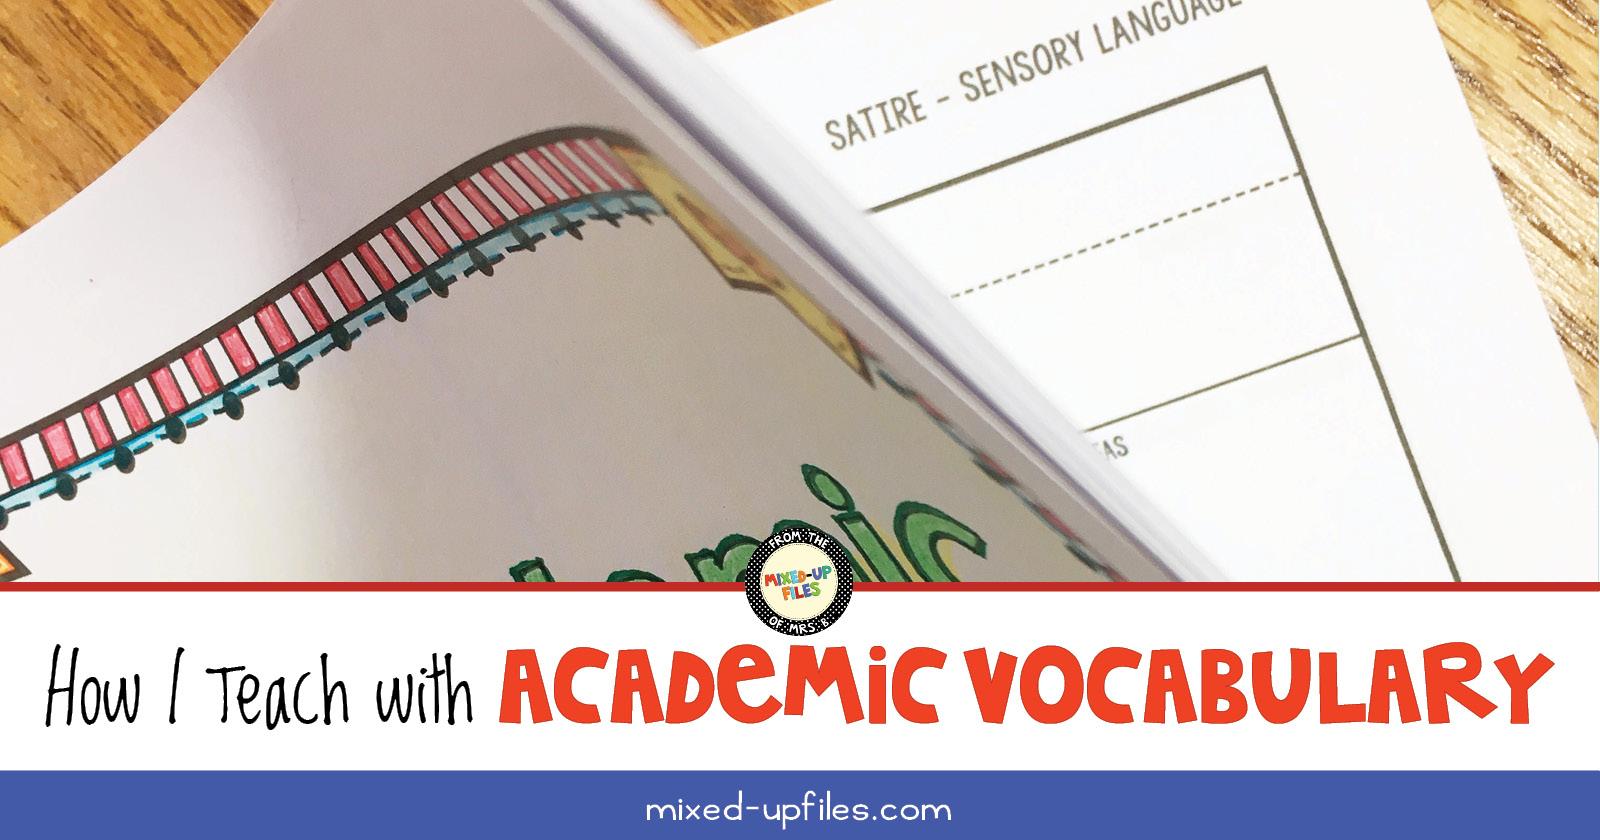 How I Teach with Academic Vocabulary